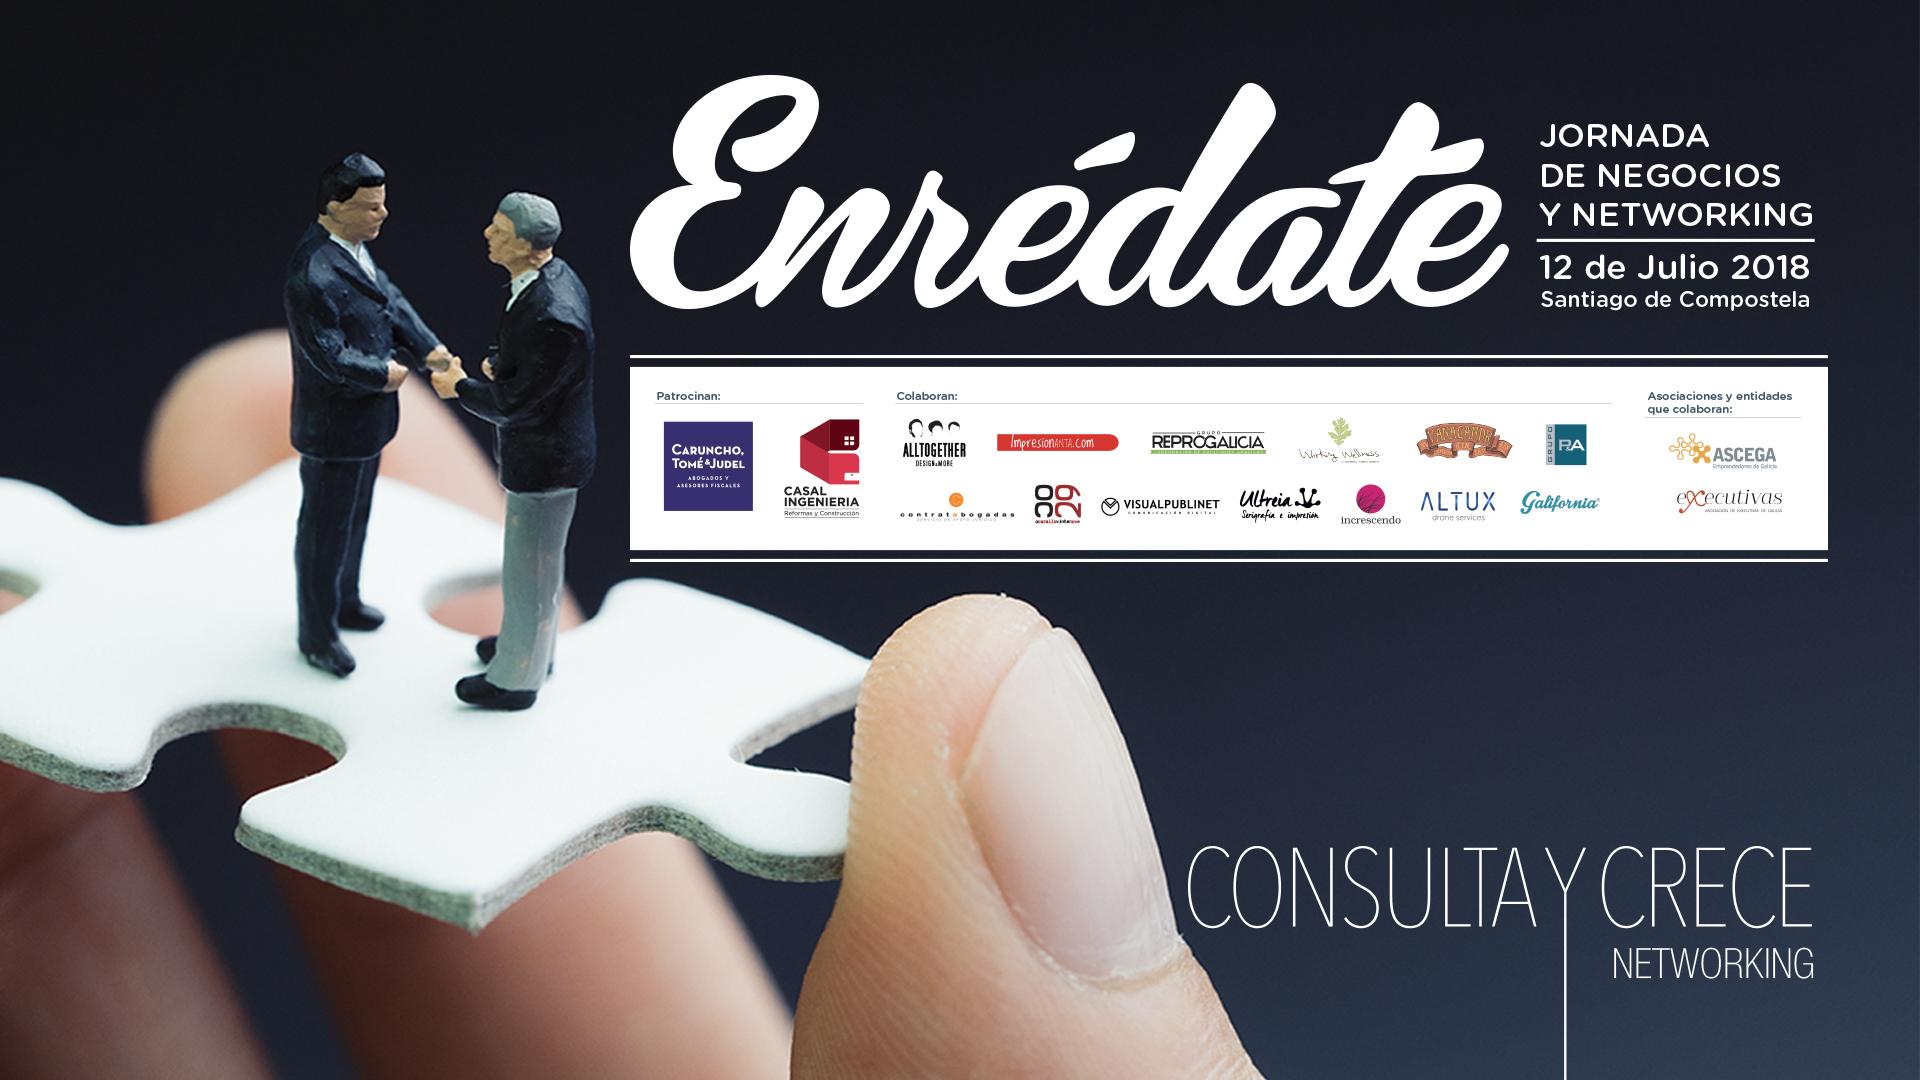 Enredate 2018 Evento De Networking En Santiago De Compostela